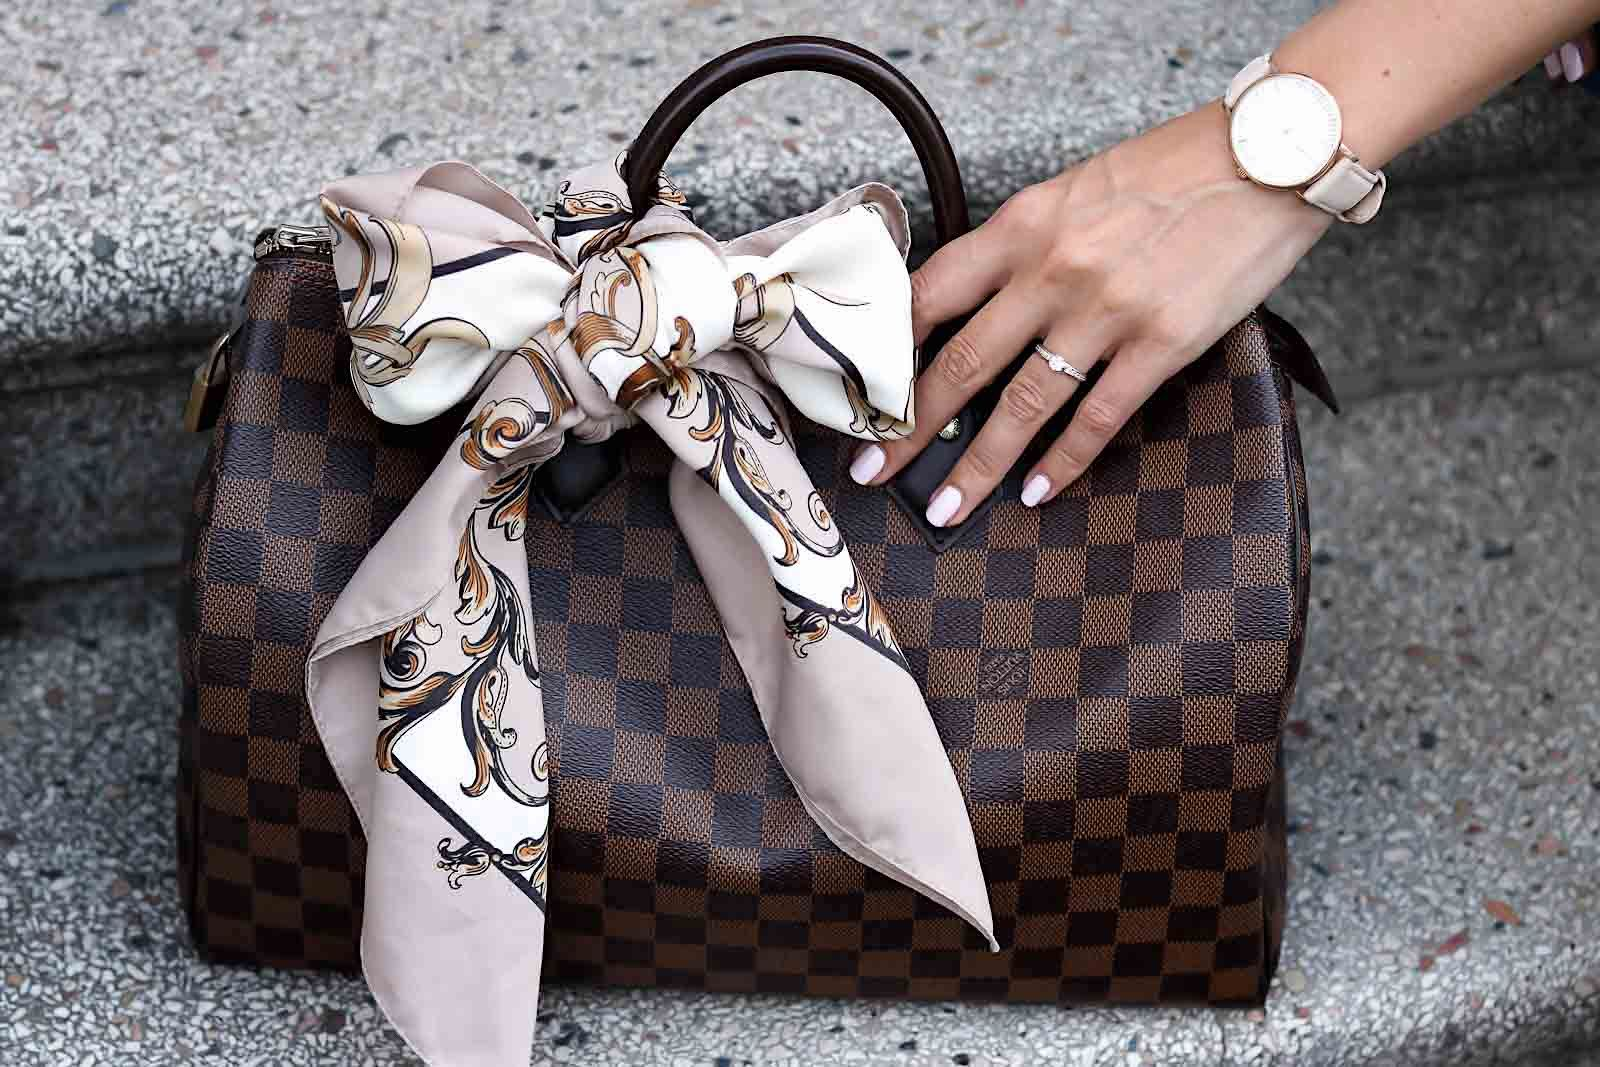 391cfebd17d6 Louis Vuitton Speedy 35 in damier ebene, Scarf, Carré, Tuch, Schleife